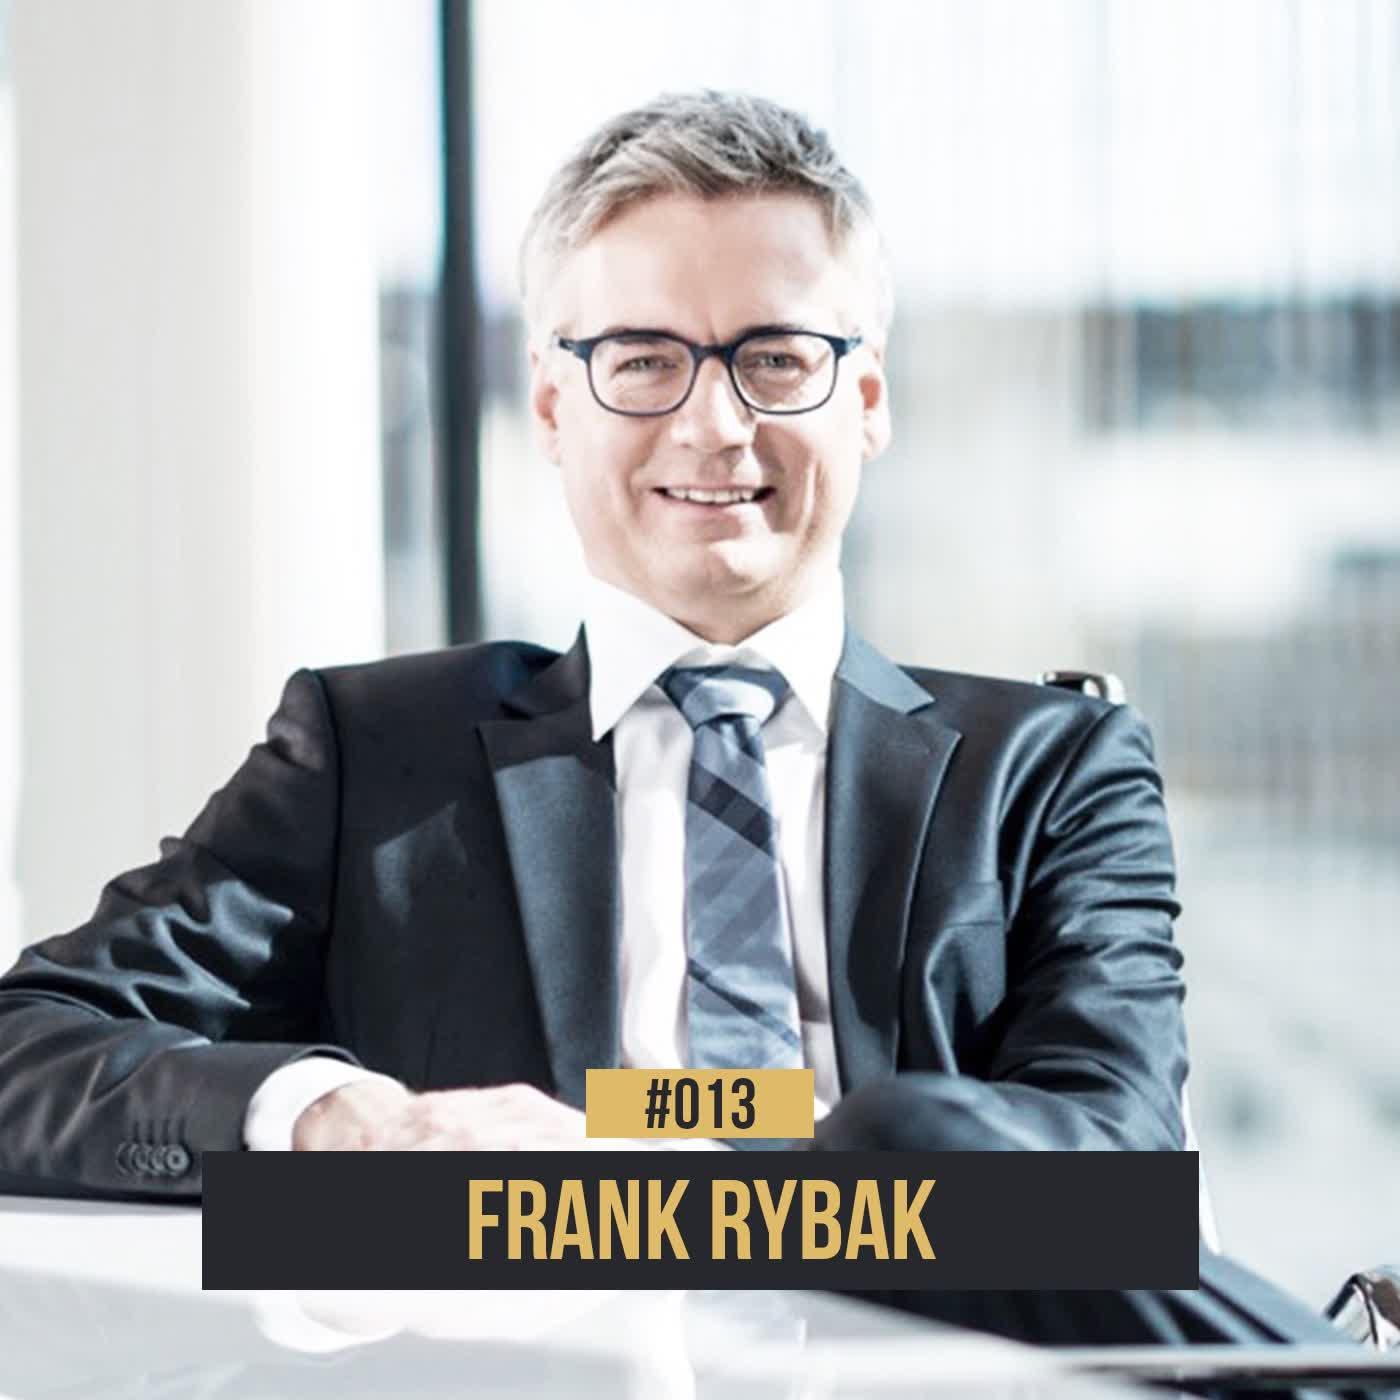 #013 Frank Rybak: Deutschlands gefragtester Sportrechtsanwalt